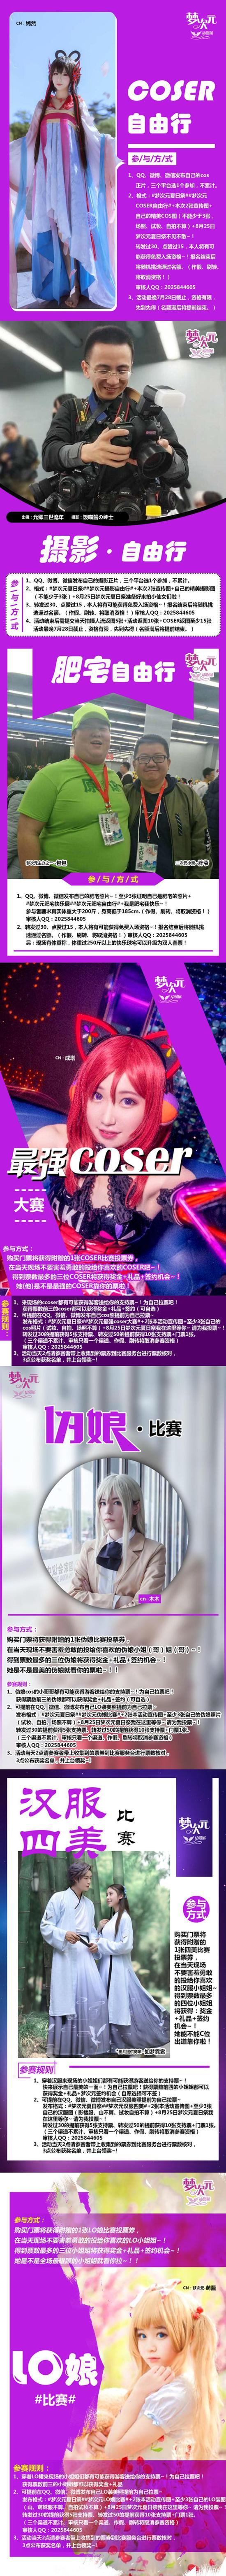 2018年8月25日M19梦次元夏日祭-暑期狂欢肥宅快乐展-TopACG